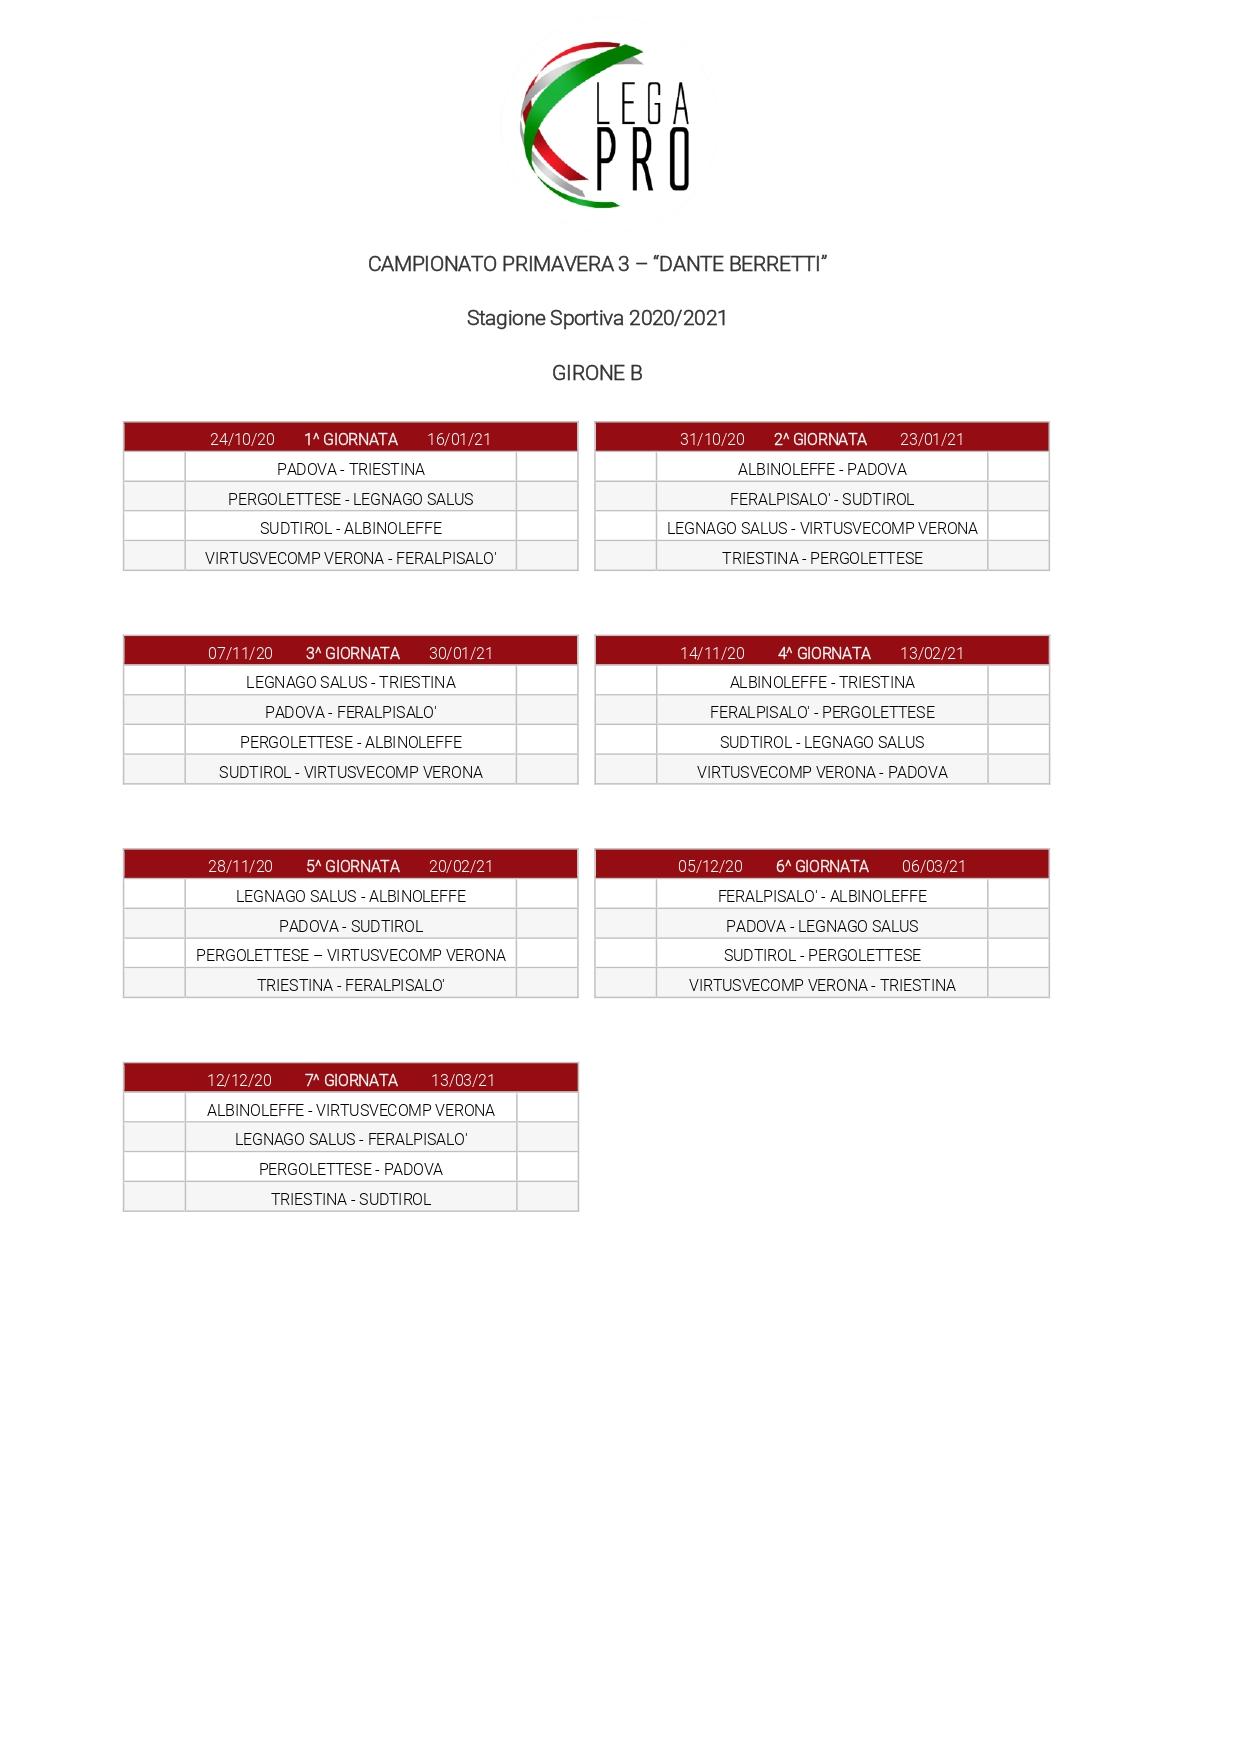 Nasce il campionato Primavera 3. Il Legnago esordirà in trasferta sabato 24 ottobre.